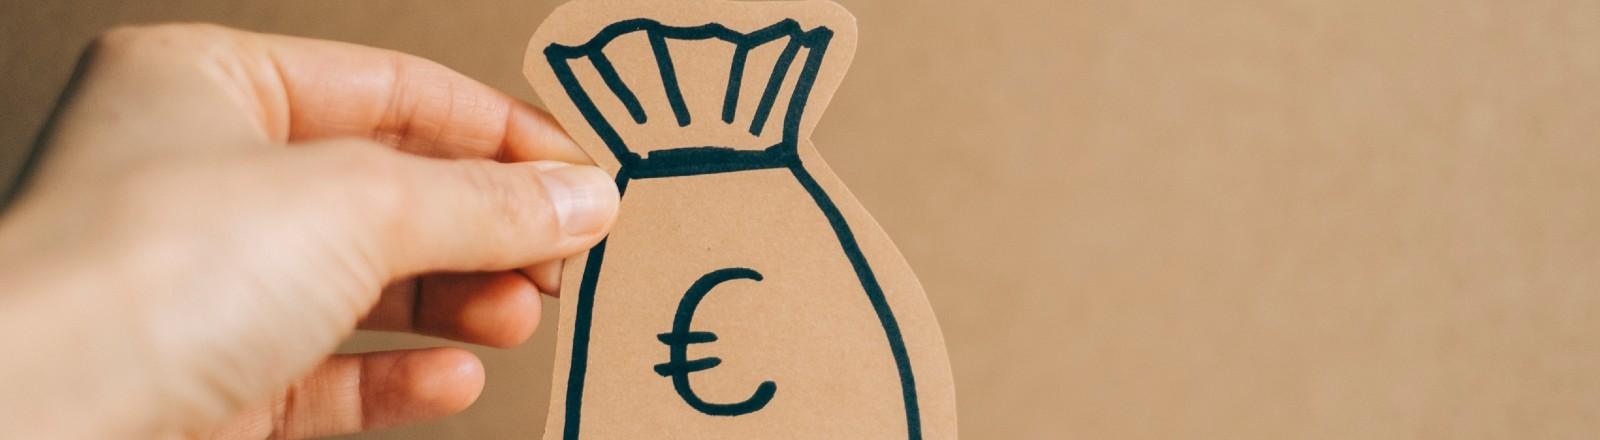 Eine Hand hält einen Sack voller Euros.